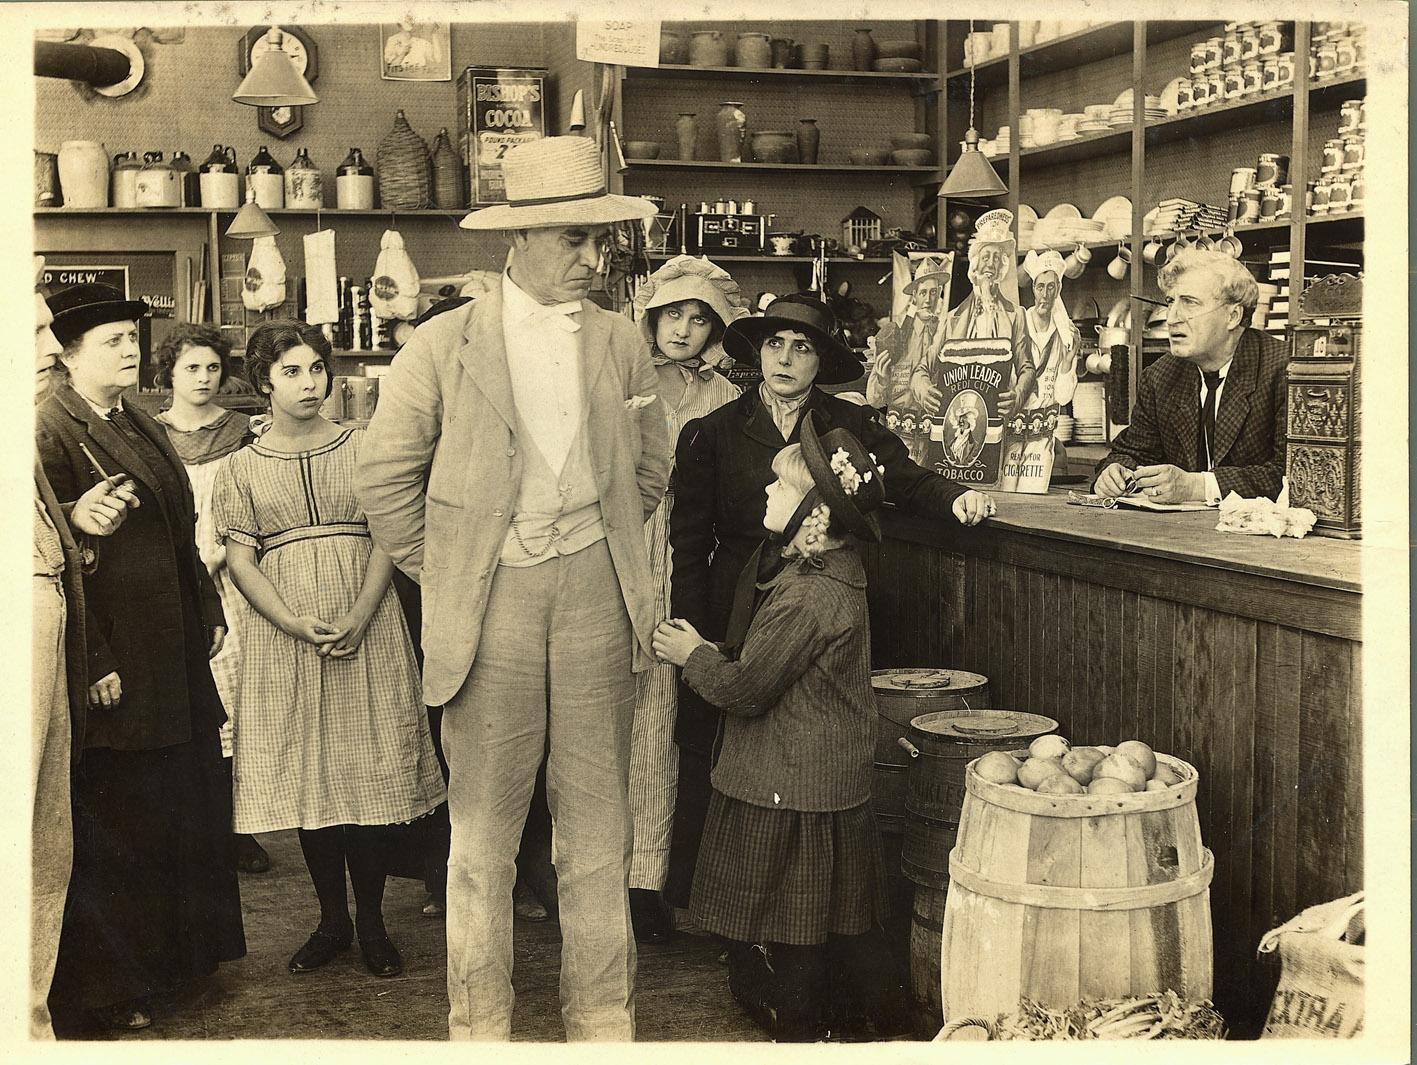 Edward Walters. The Crab, 1917. Coll. Cinémathèque française. D.R.